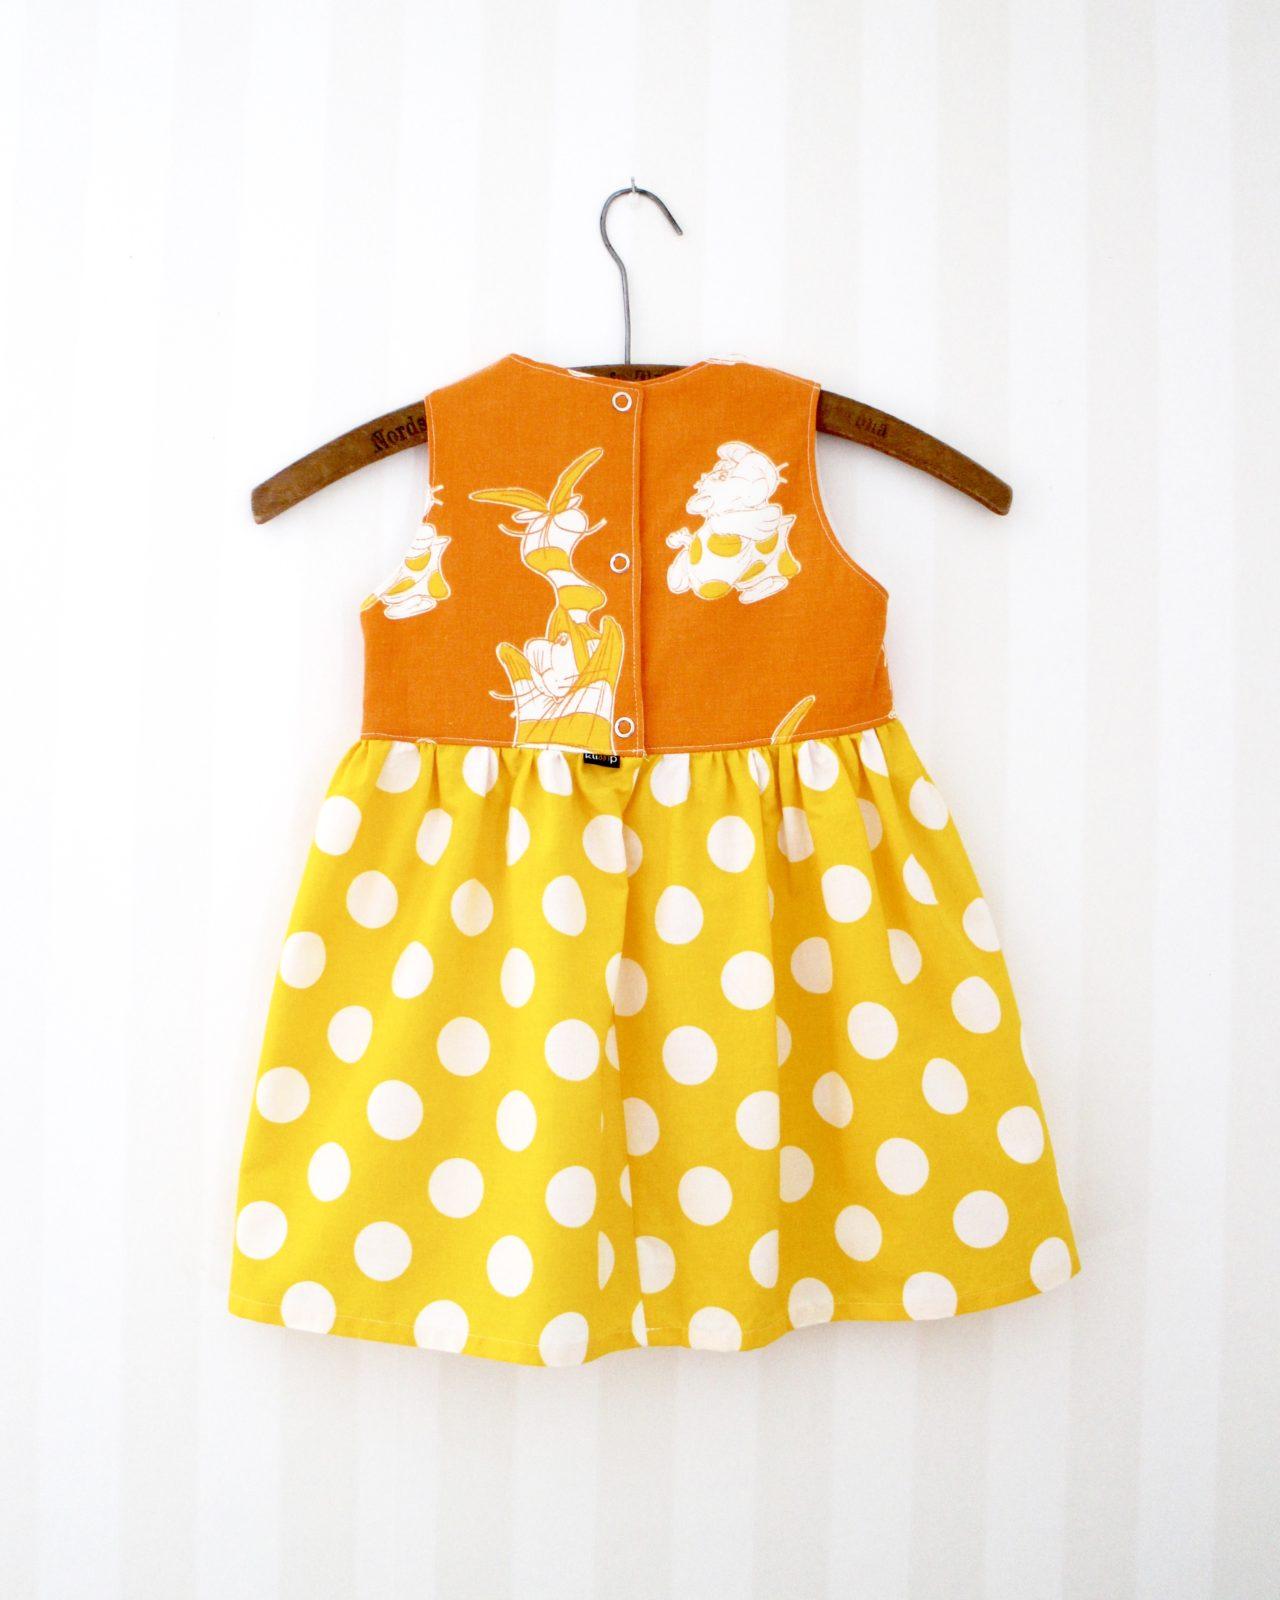 79d35036f058 Klänning Retro Barnklänning Återbruk Miljövänligt Retrotyg Vintage  Vintagetyg Dunderklumpen Prickig